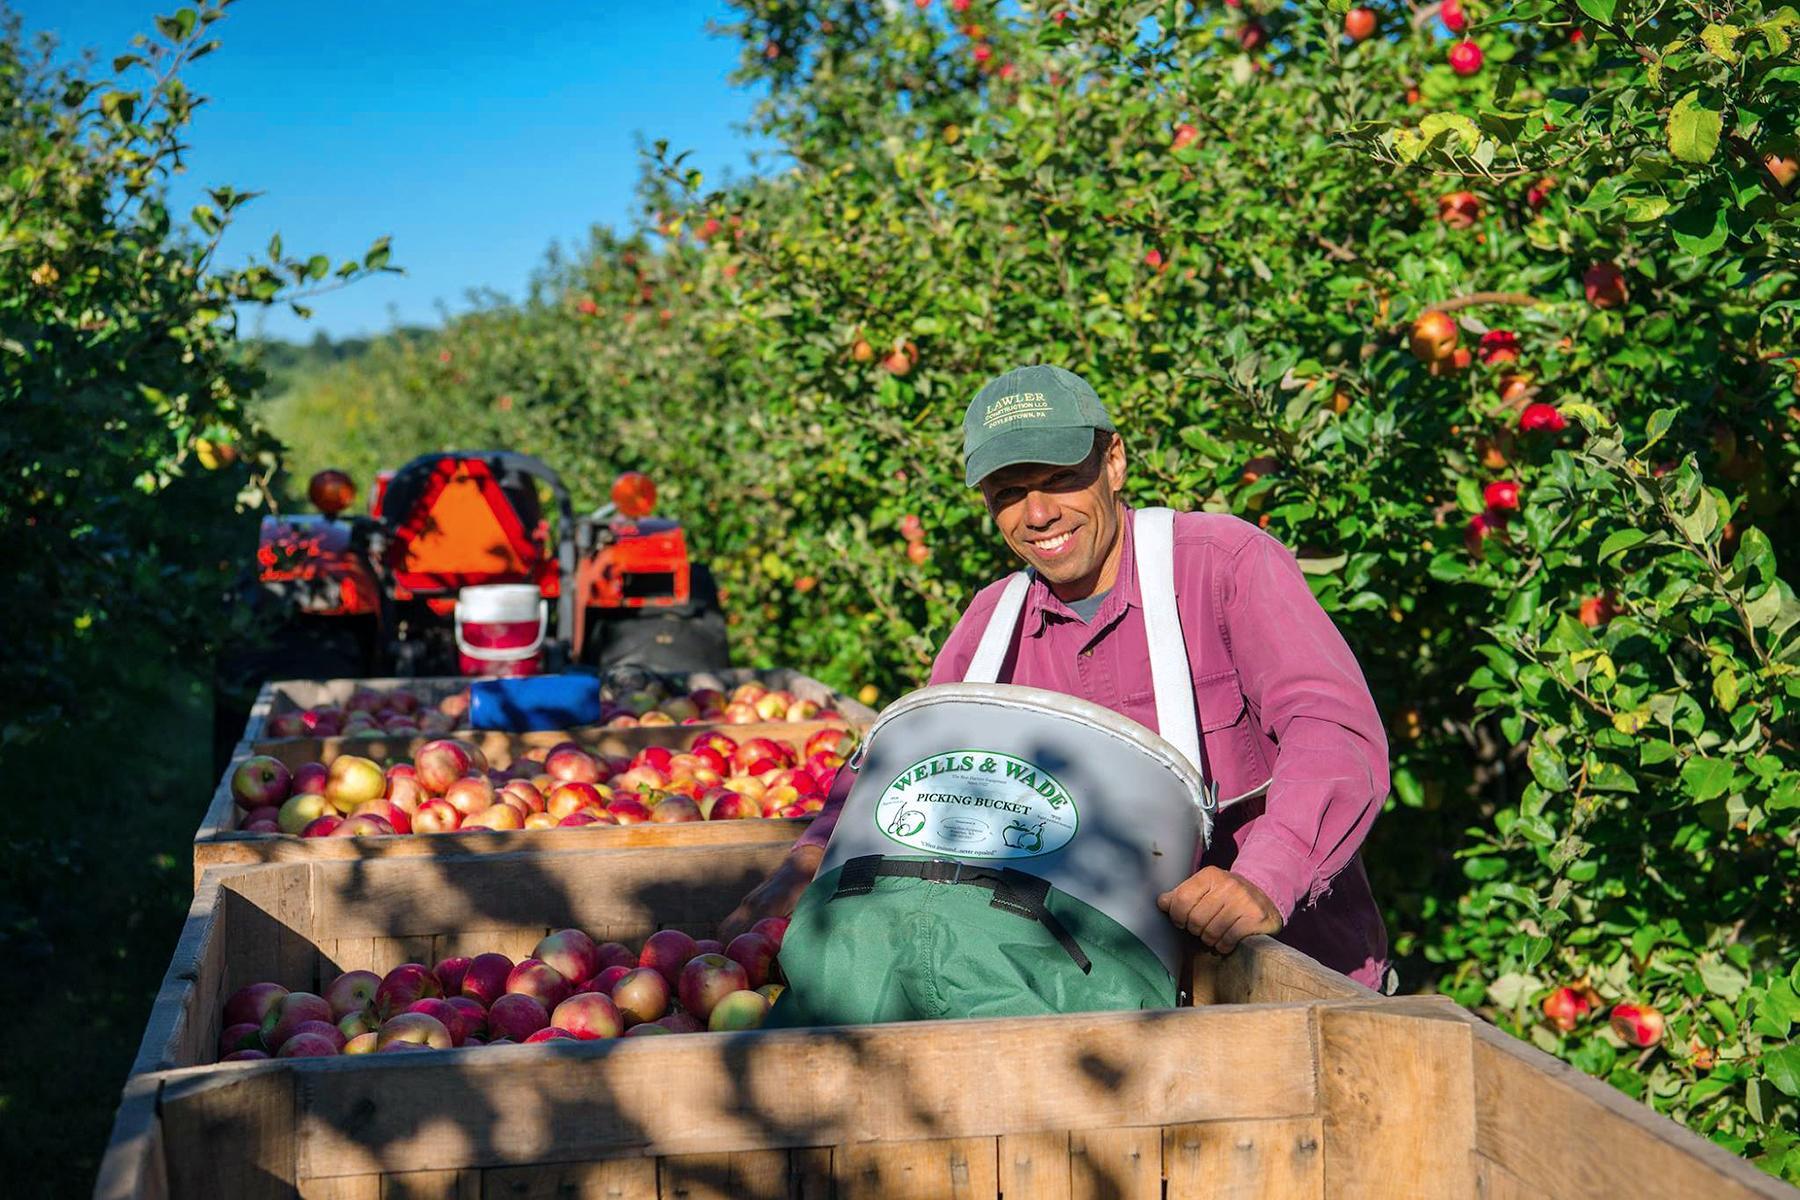 Apple Picker Jobs in Canada